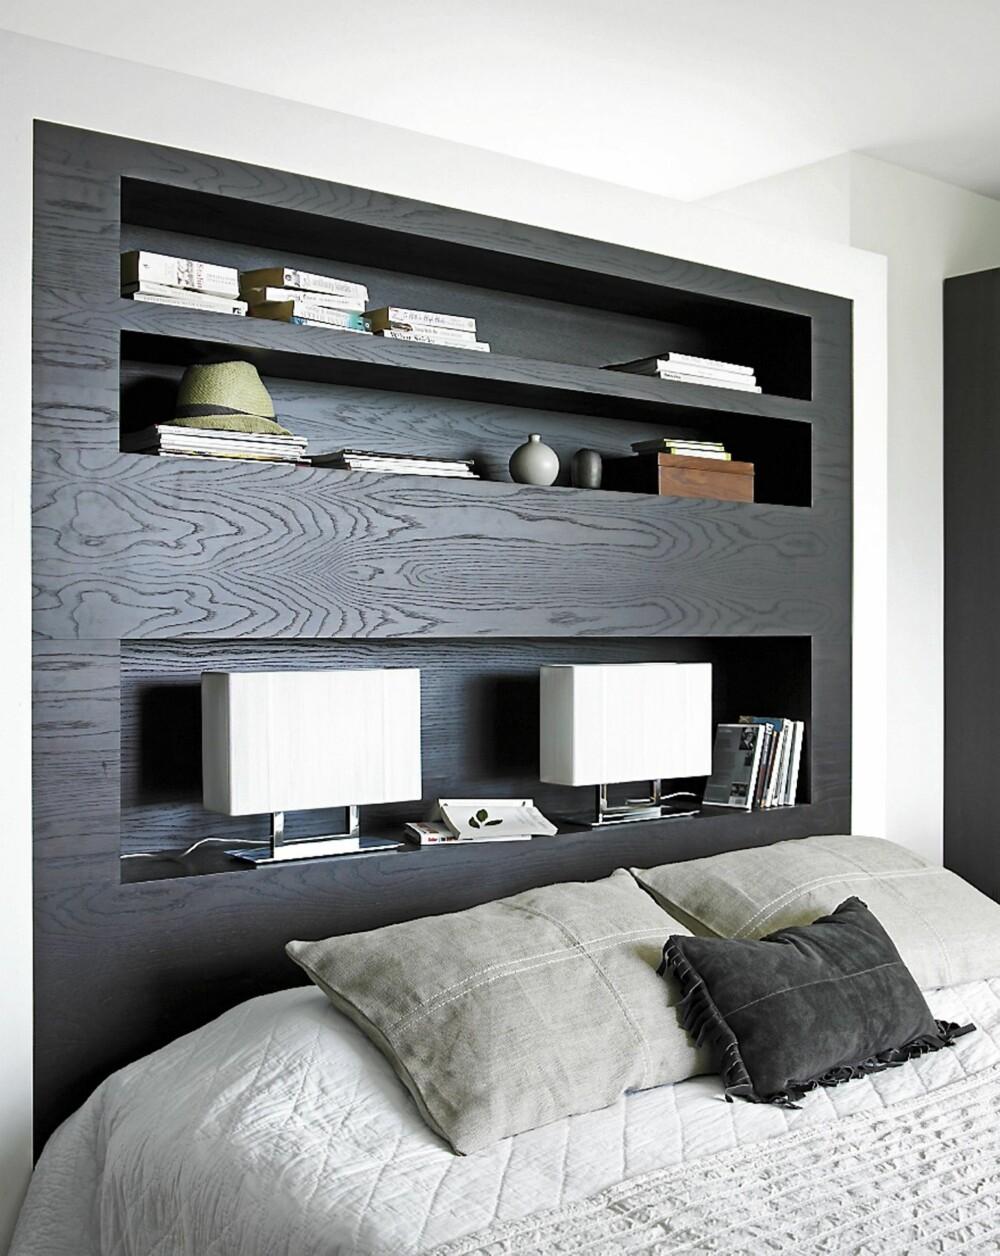 HELSMART HALVVEGG. Den frittstående veggen bak sengen fungerer både som sengegavl og plass for lamper, bøker og andre typiske nattbordting. En sober, hotellaktig løsning fra interiørarkitekt MNIL Cathrine Vonholm.